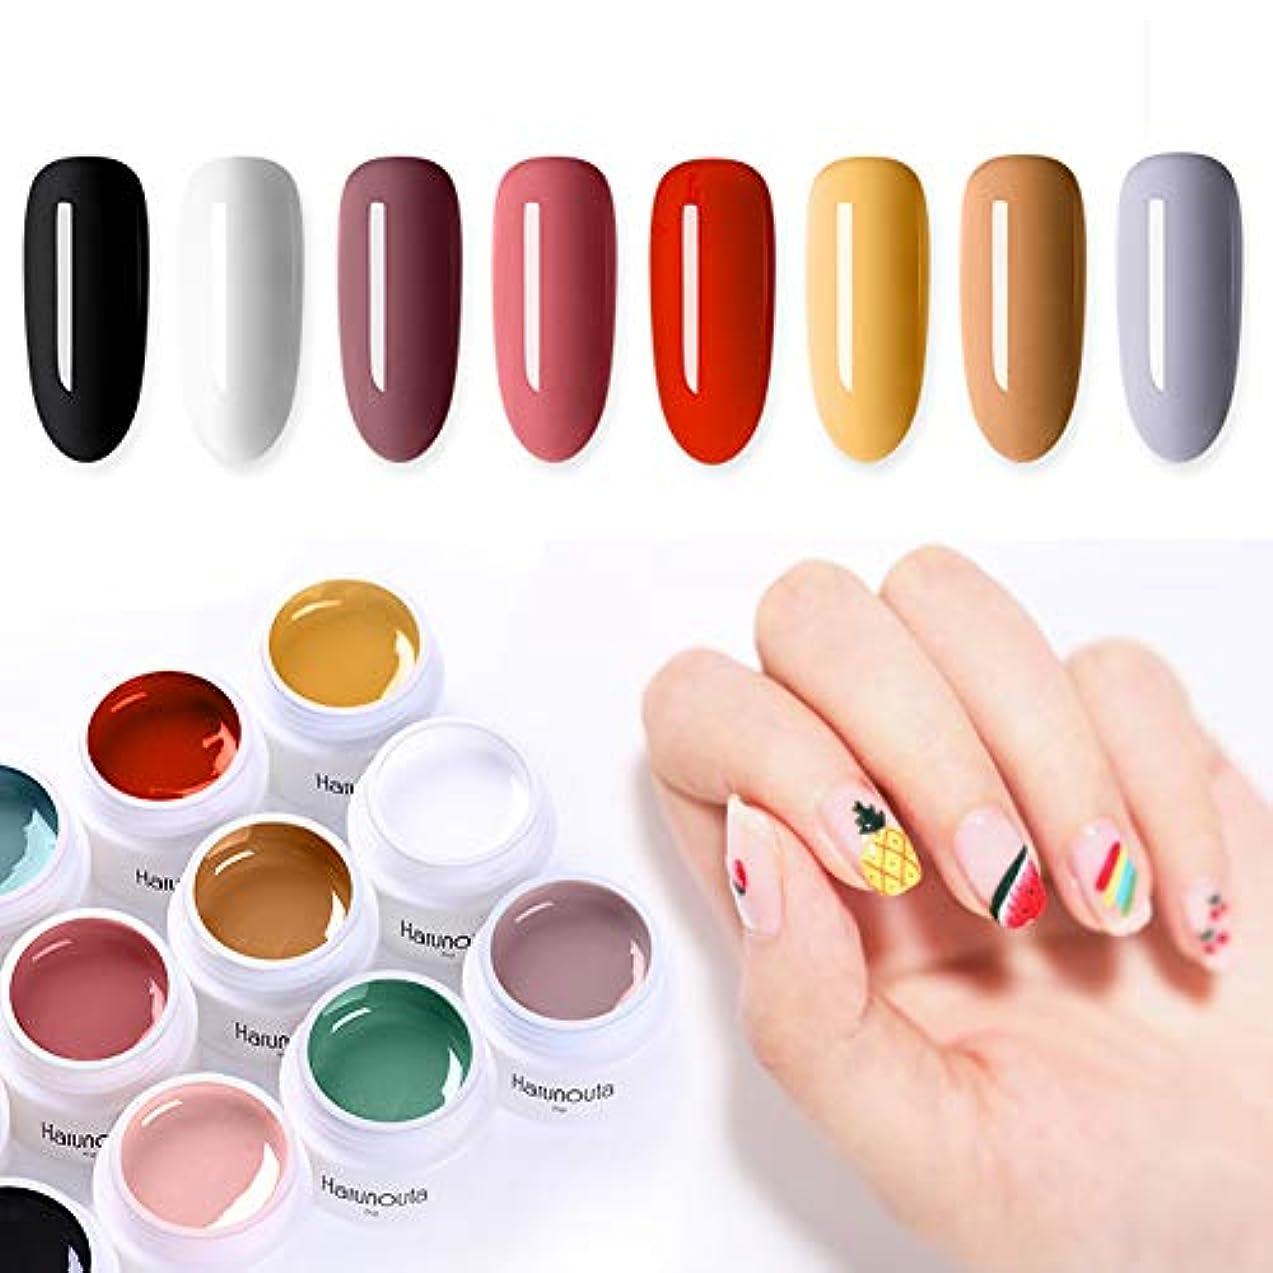 断片びっくりするスワップ春の歌 カラージェル 8色セット ジェルネイル 5ml UV/LED対応 ソークオフカラージェル 1回だけ塗って発色がいい アートにもできる [並行輸入品]